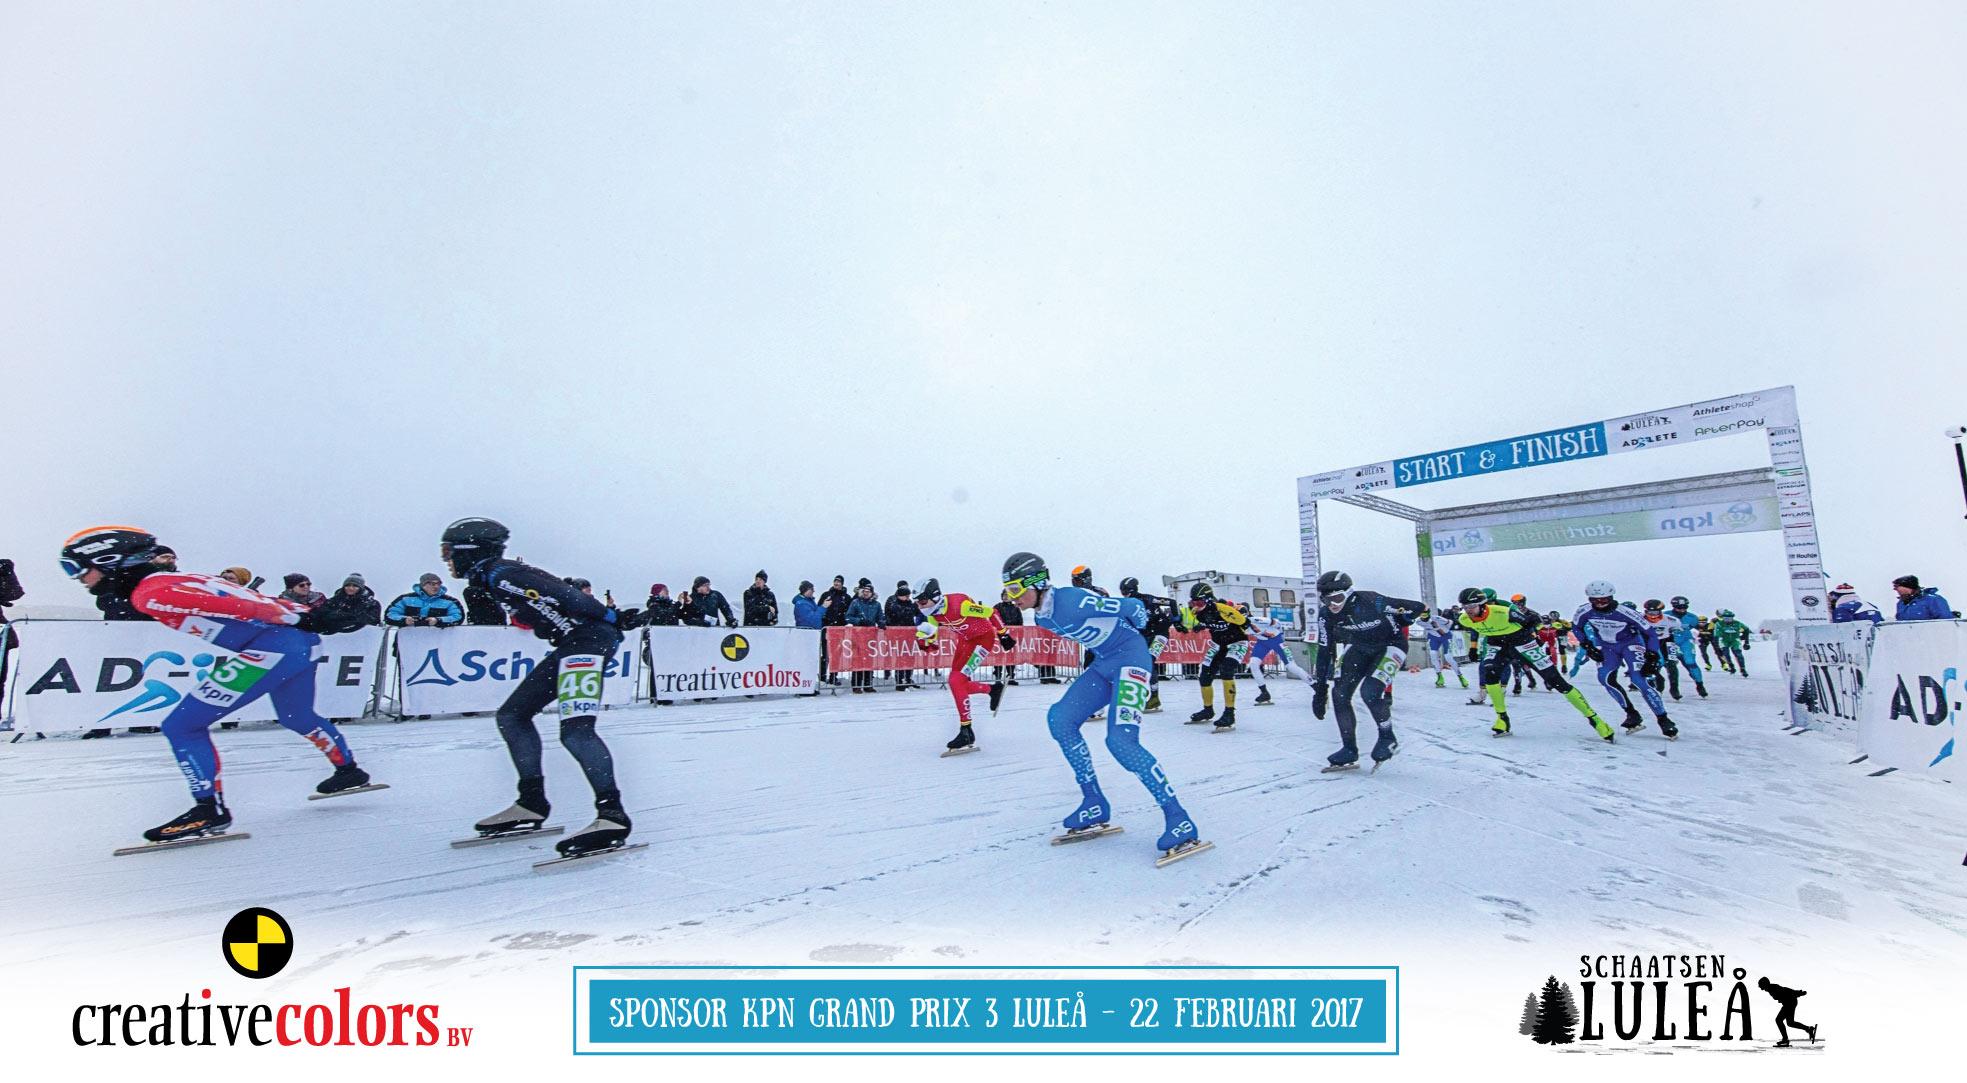 creative-colors-schaatsen-lulea-zweeds-lapland-kpn-grand-prix